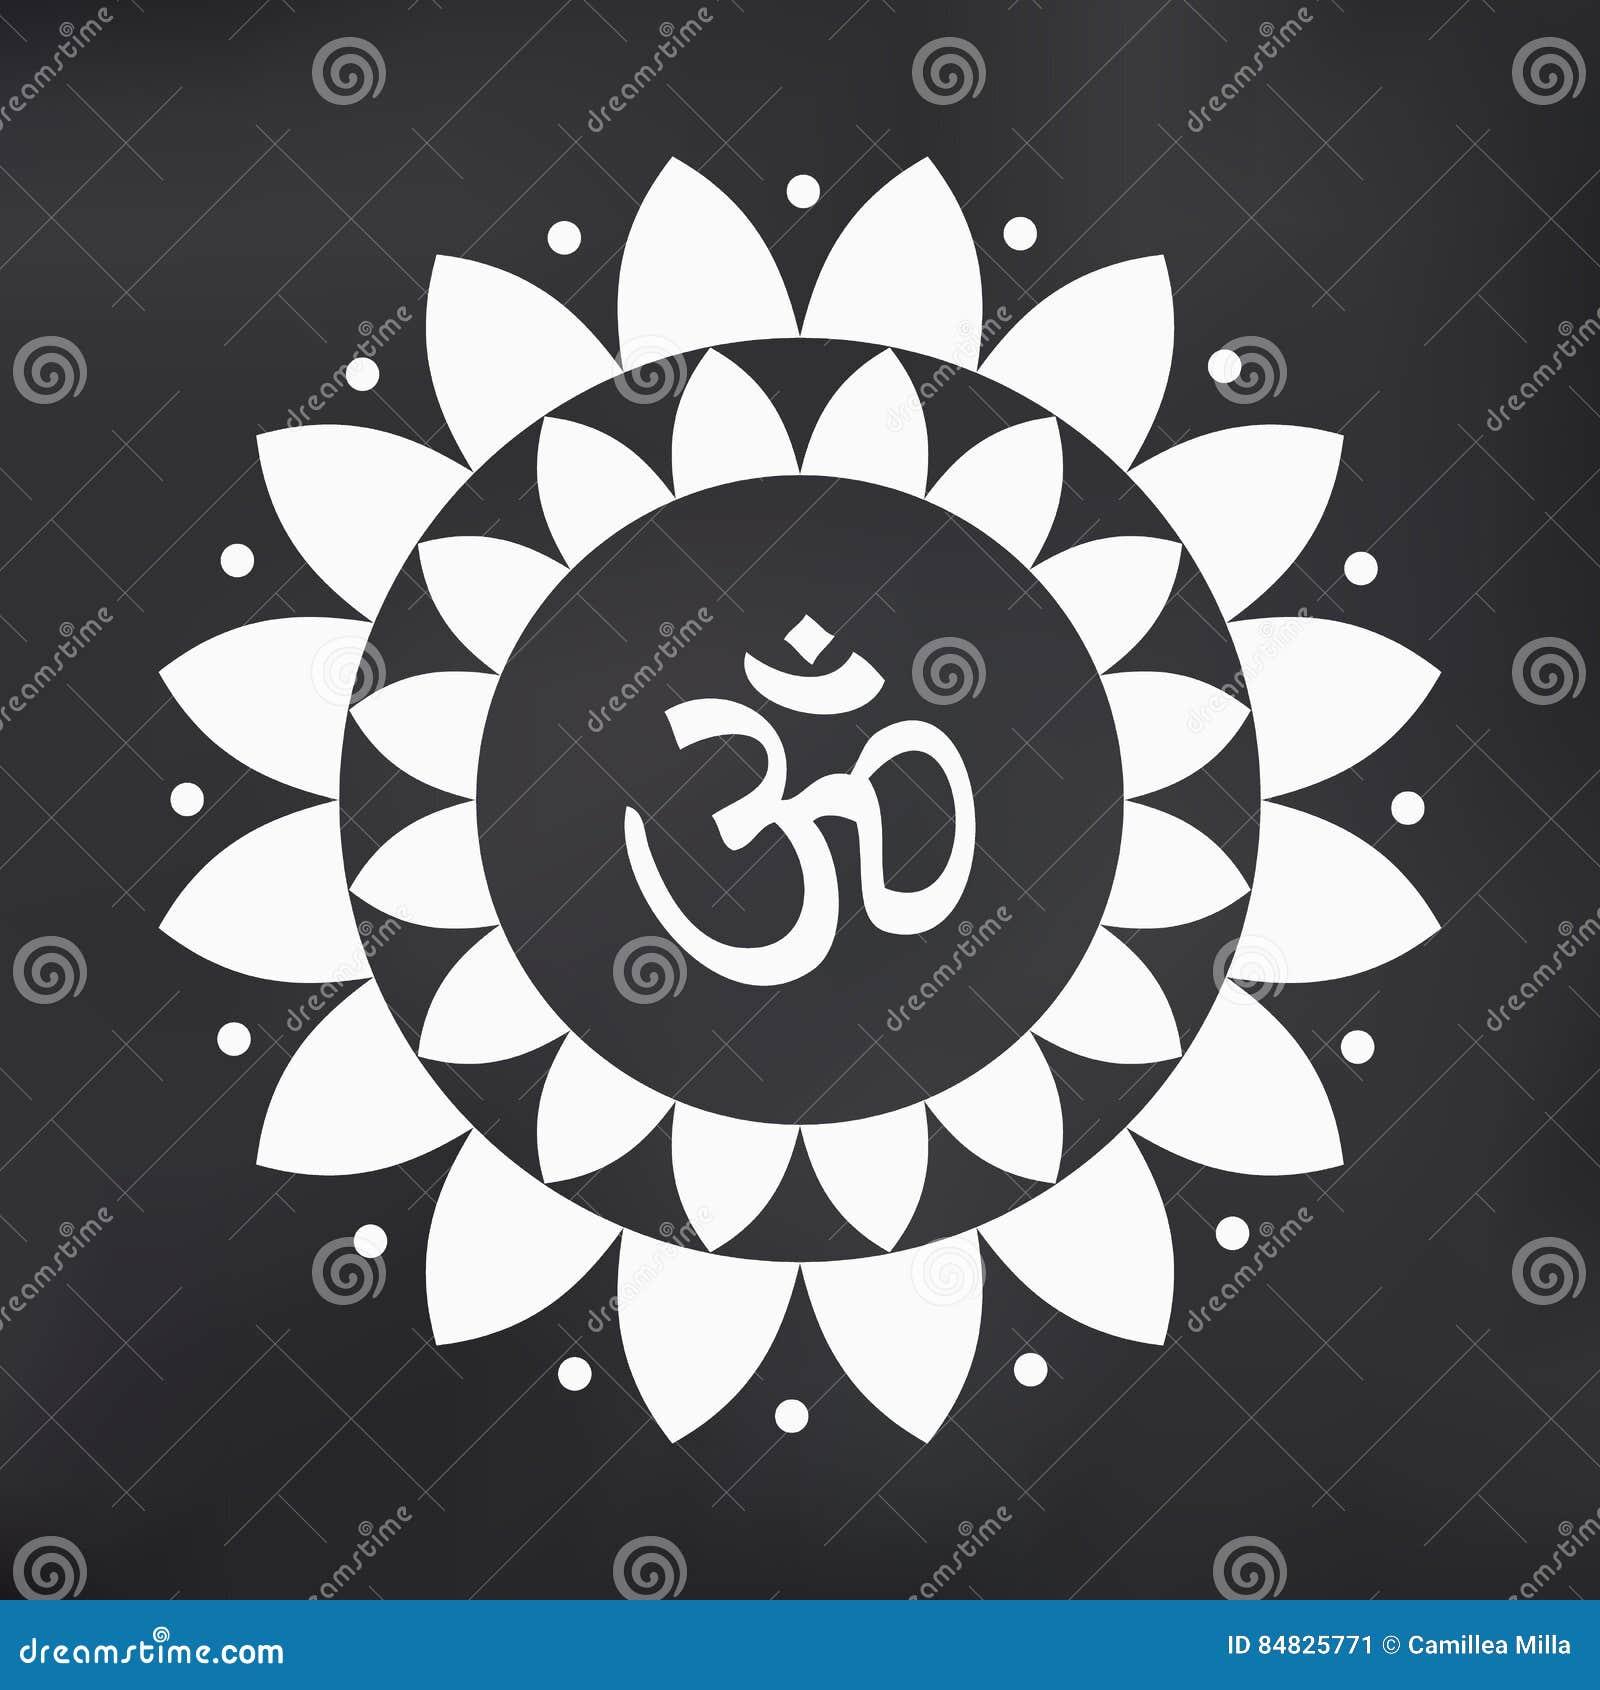 Vector Om Symbol Hindu In Lotus Flower Mandala Illustration Stock